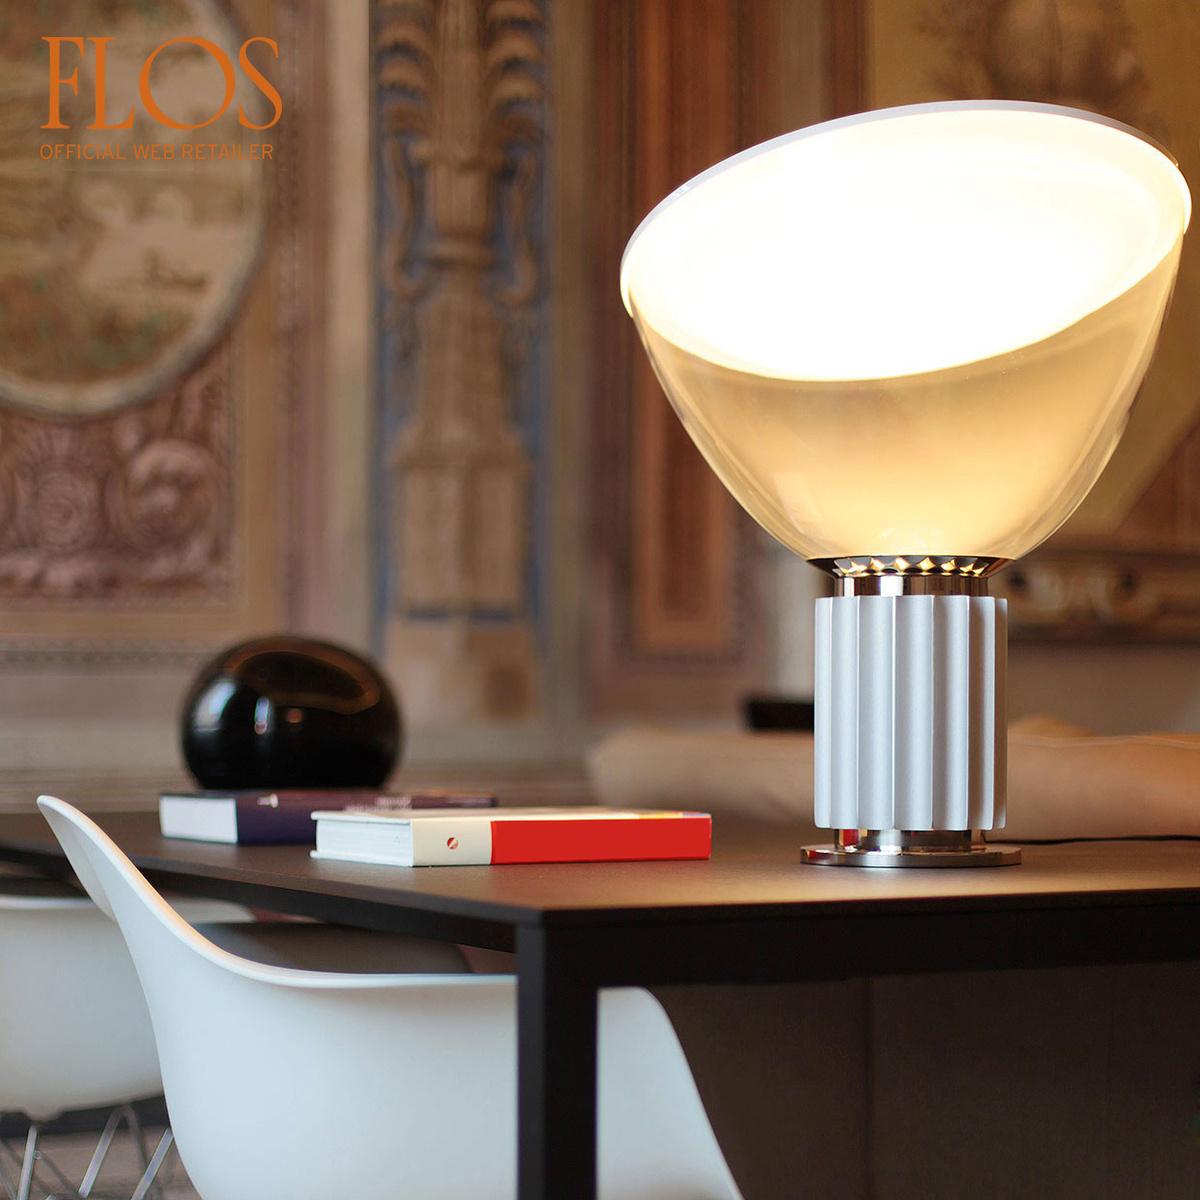 Lampada da tavolo taccia led by flos lovethesign - Lampada da tavolo a led ...